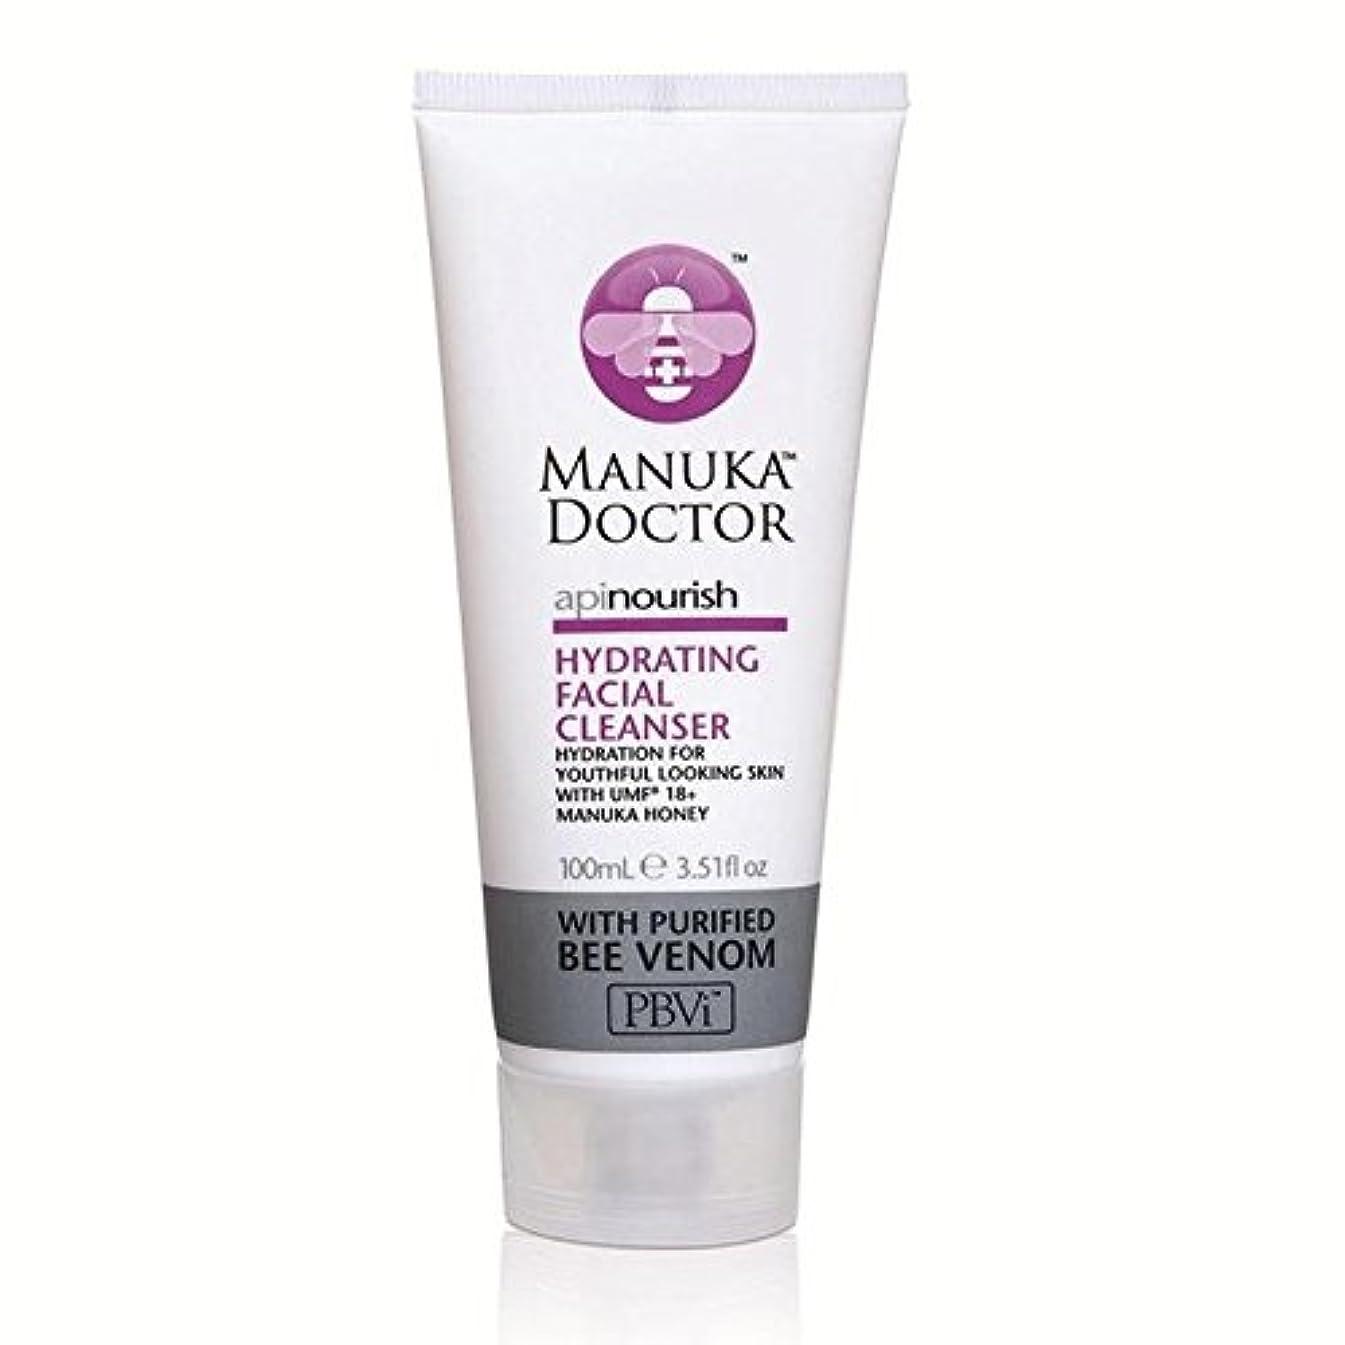 メルボルンブートしばしばマヌカドクター洗顔料の100ミリリットルの水和養います x2 - Manuka Doctor Api Nourish Hydrating Facial Cleanser 100ml (Pack of 2) [並行輸入品]